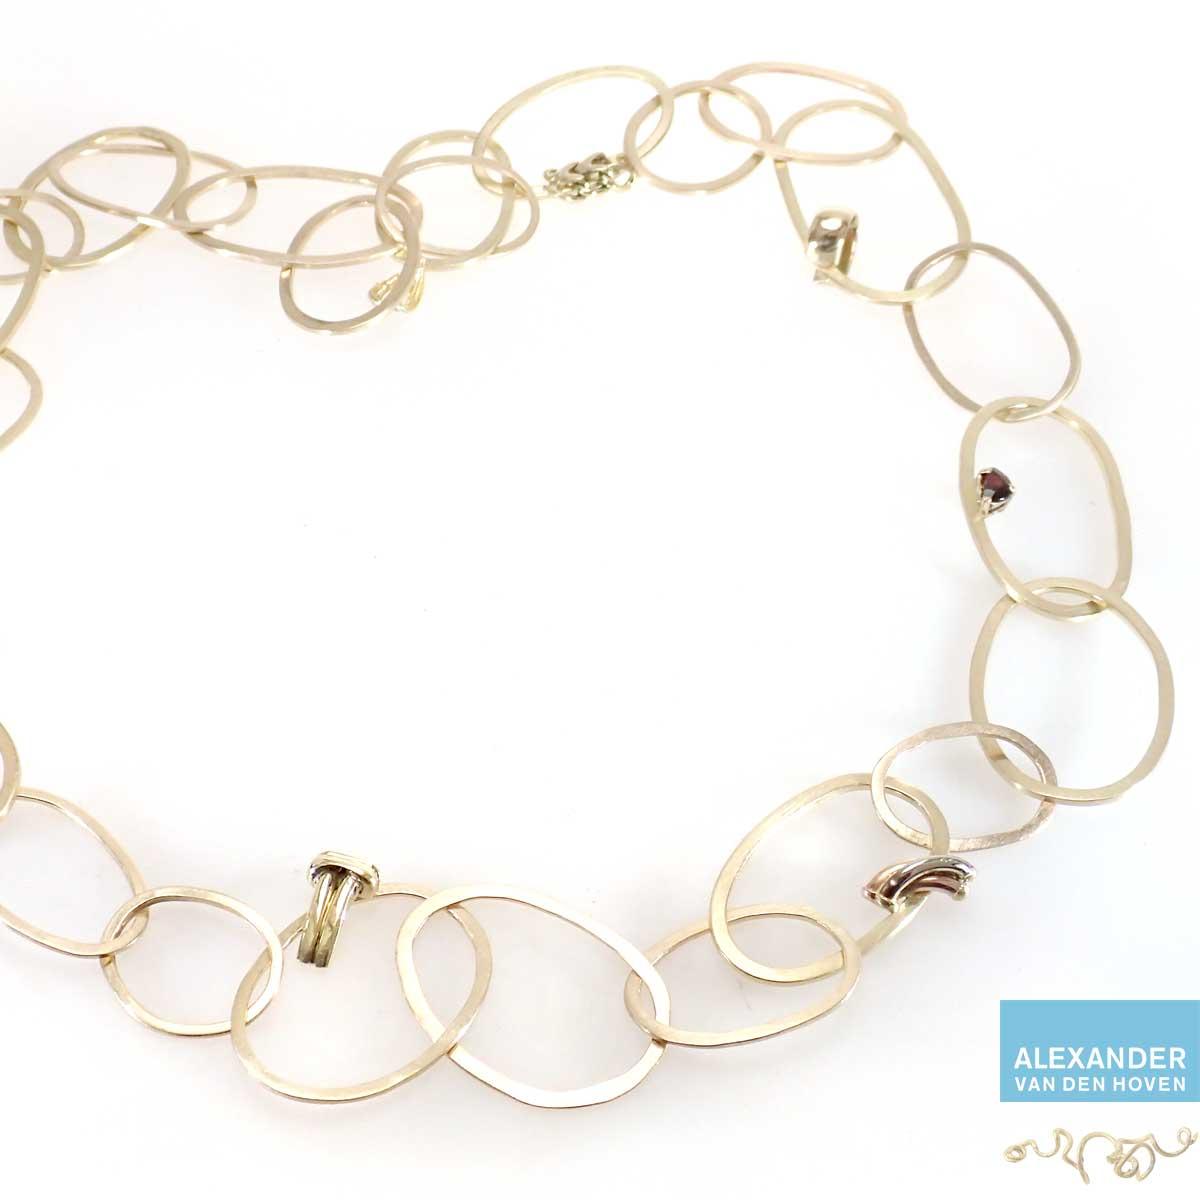 Gouden collier gemaakt van oude sieraden